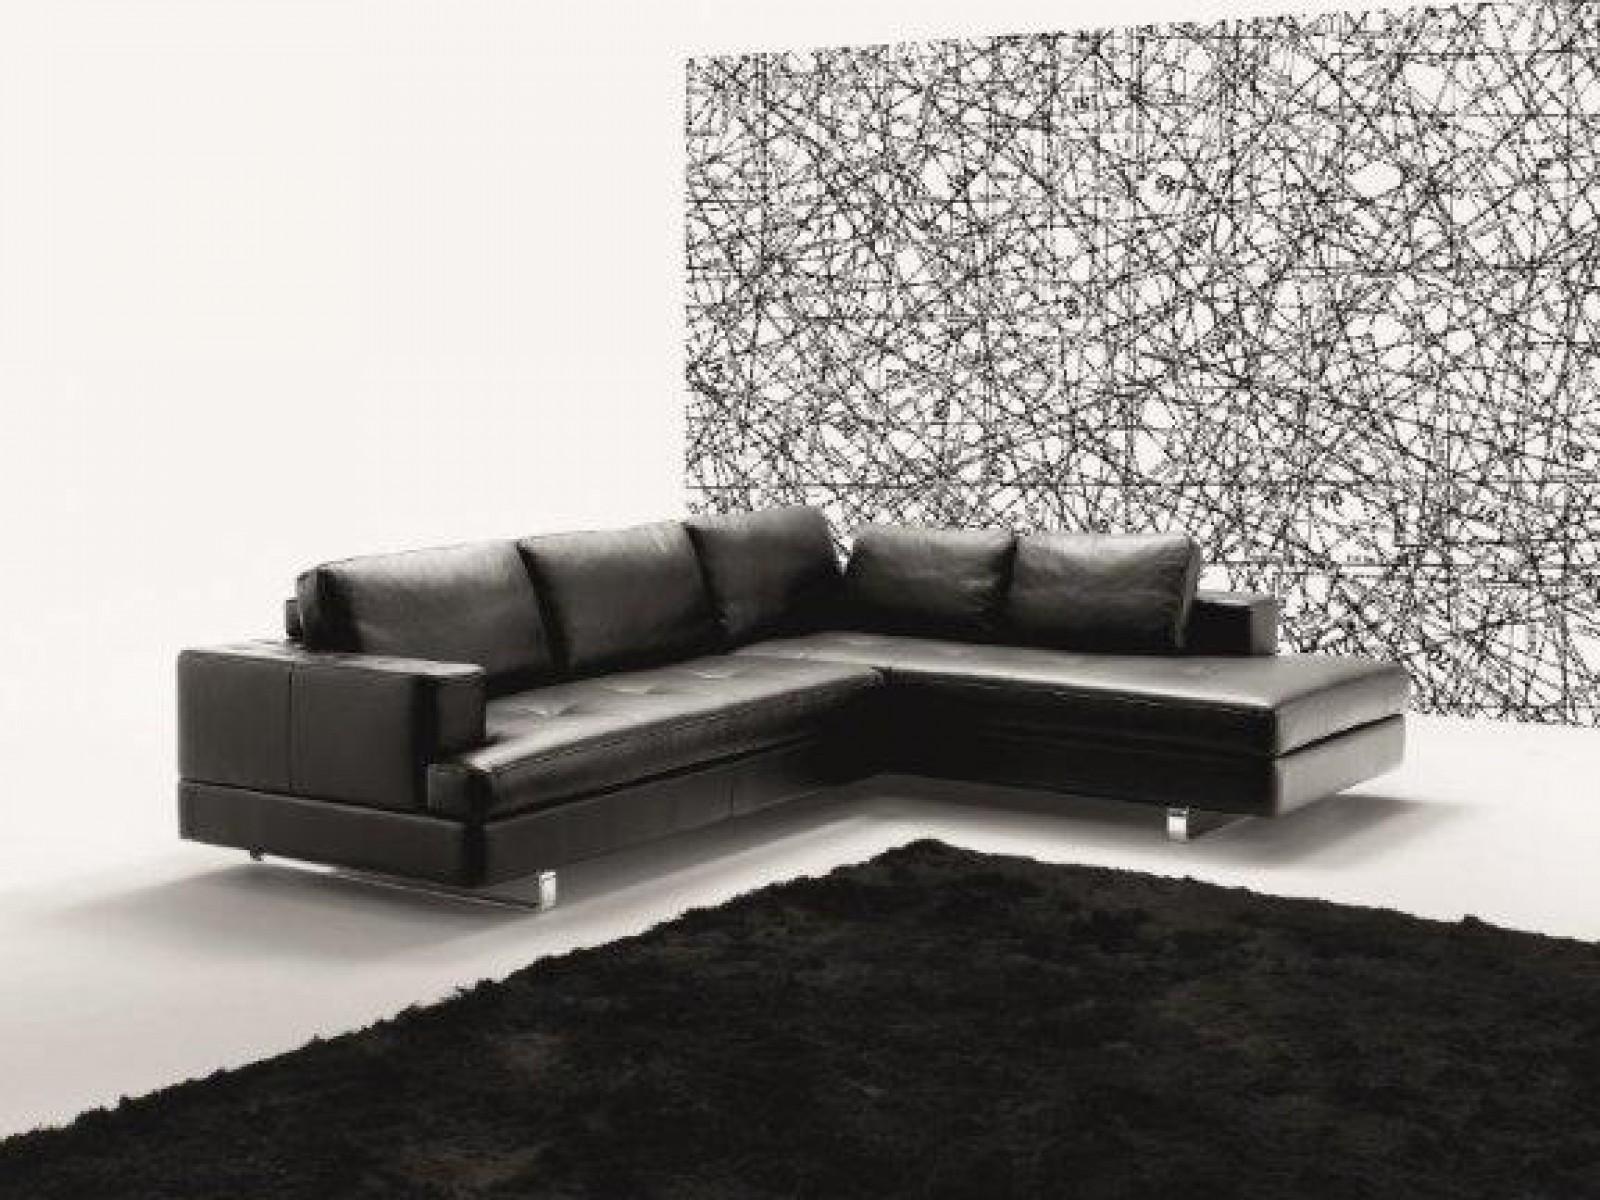 Proposte d 39 arredo divani divano angolare in pelle di polo divani - Copridivano angolare per divano in pelle ...